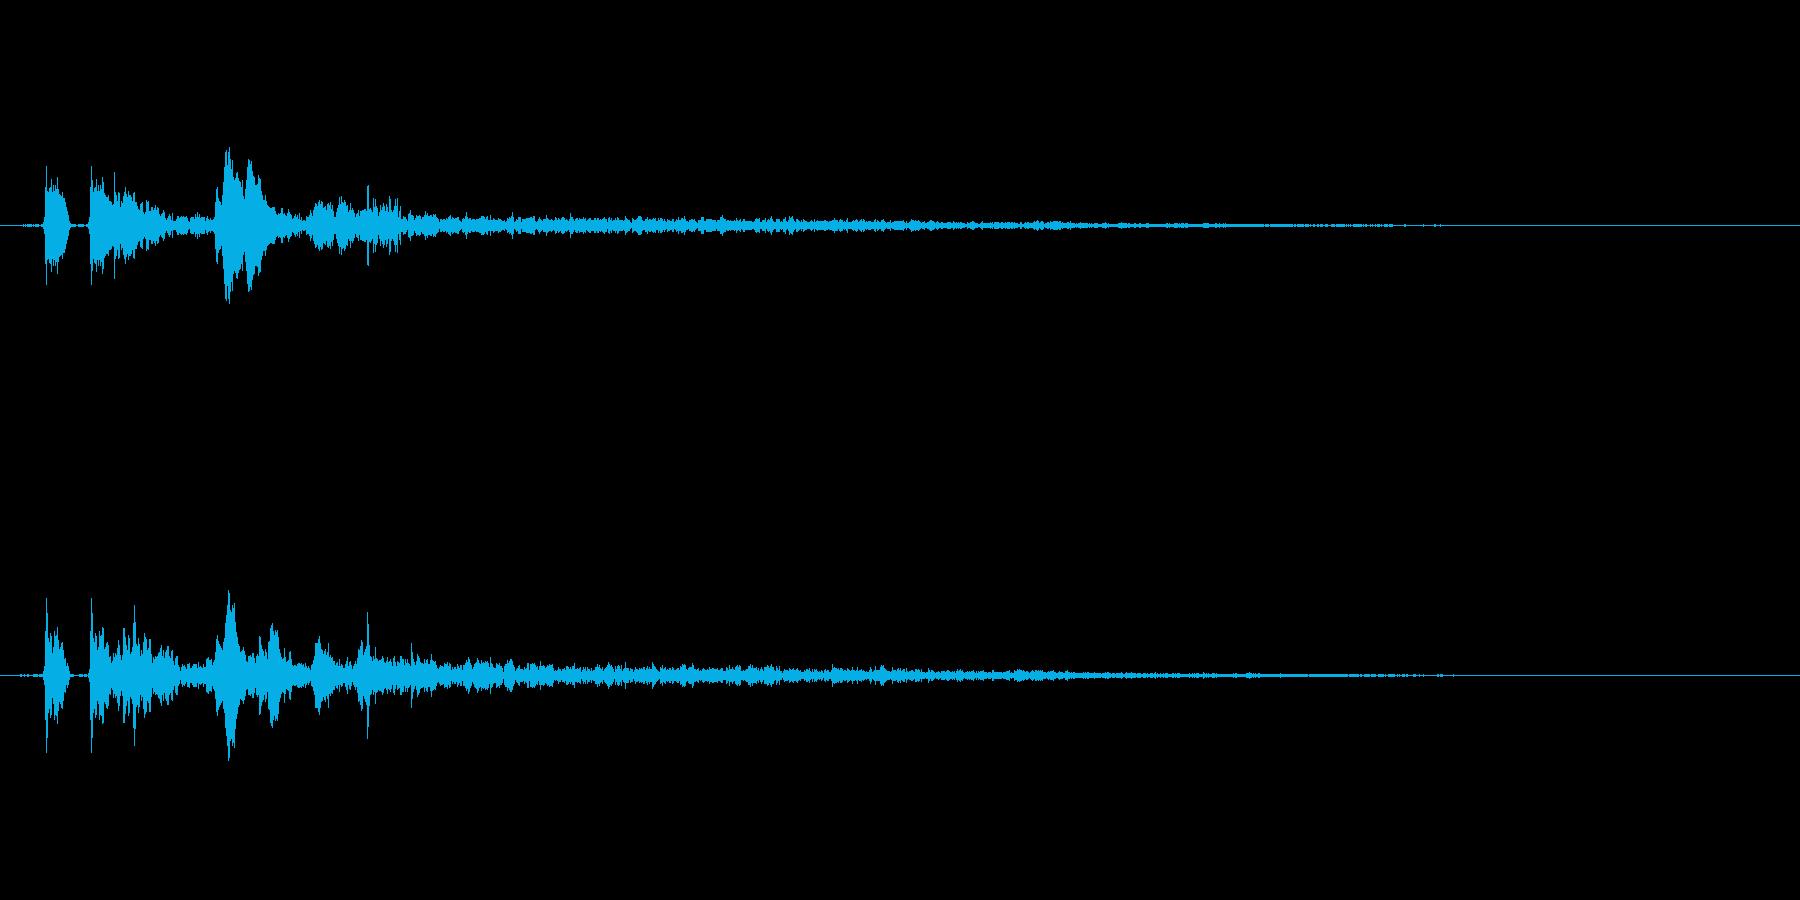 【ピチャ、ポチャ】リアルな水滴音01!の再生済みの波形